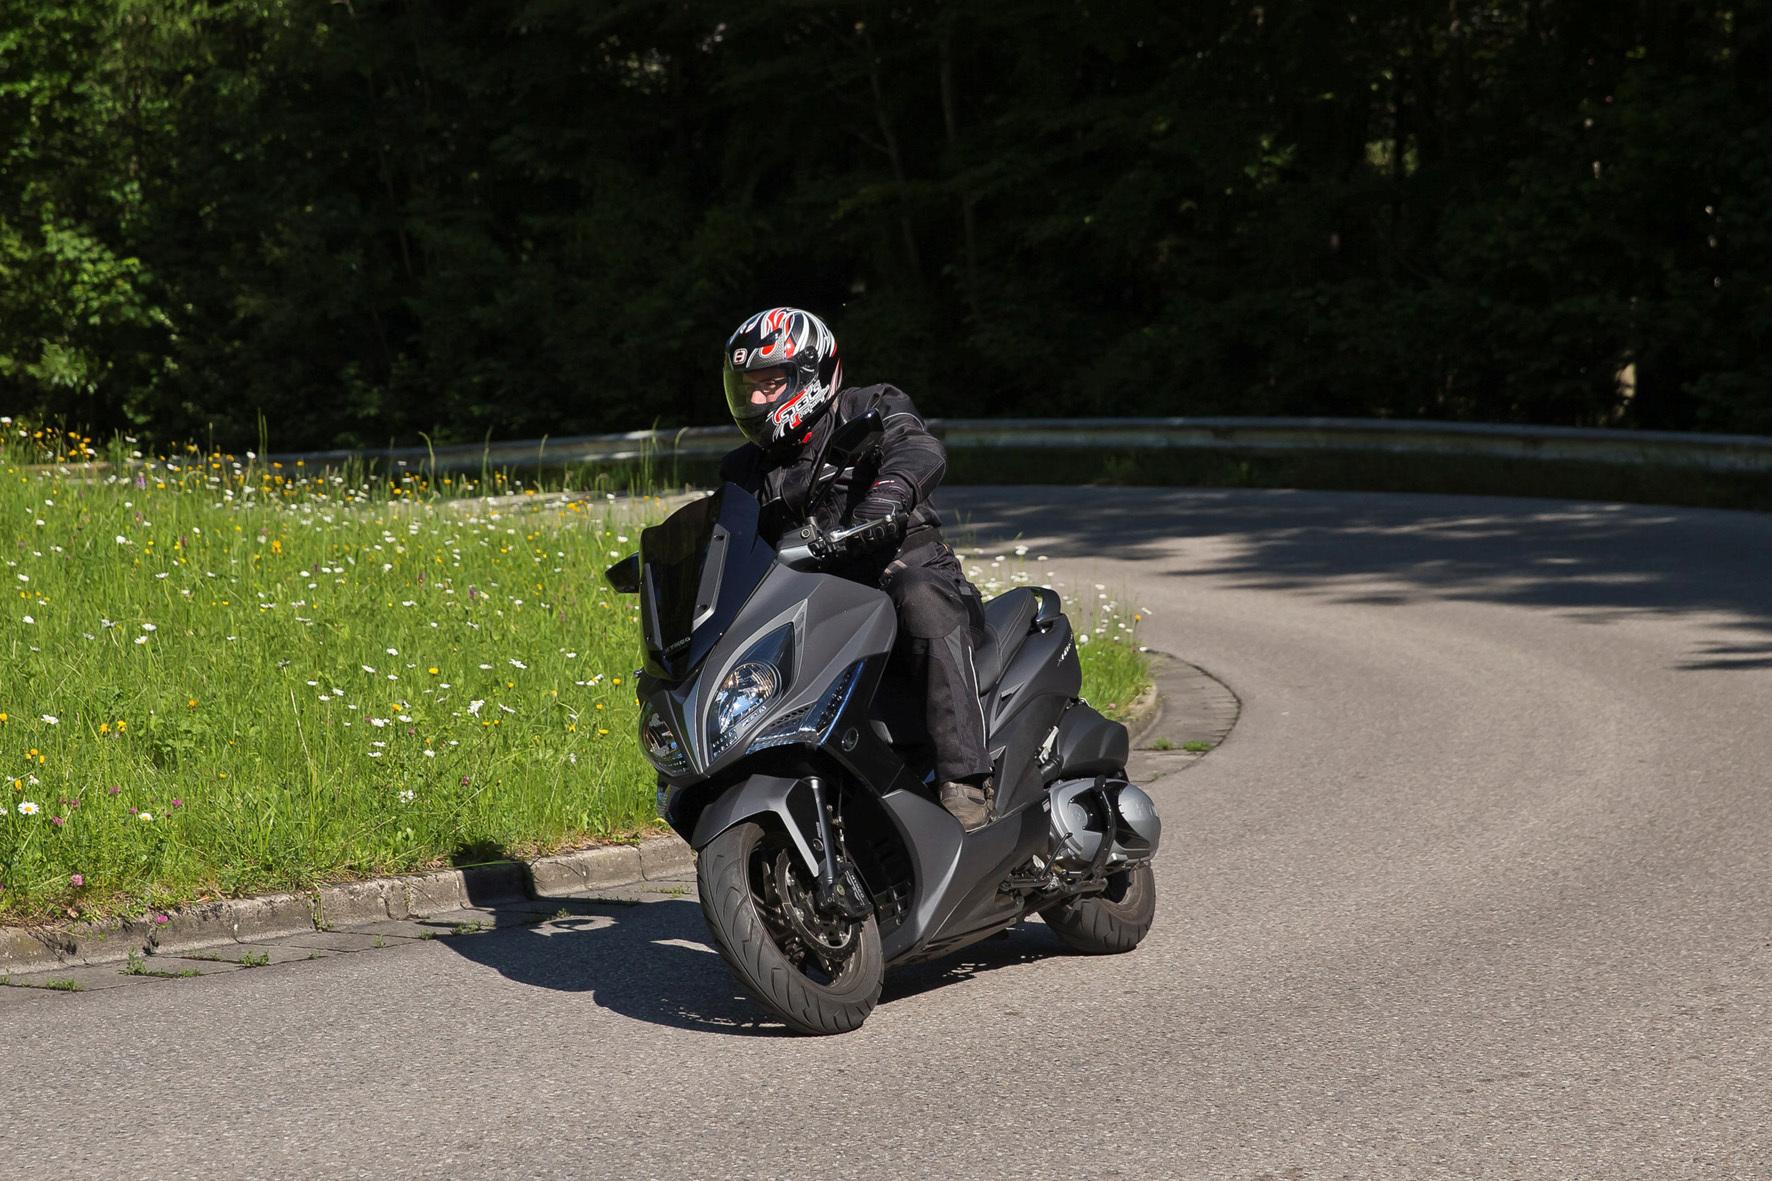 mid Düsseldorf - Vielzweck-Roller: Der Kymco Xciting 400i macht sowohl auf der Landstraße als auch in der Stadt eine gute Figur.